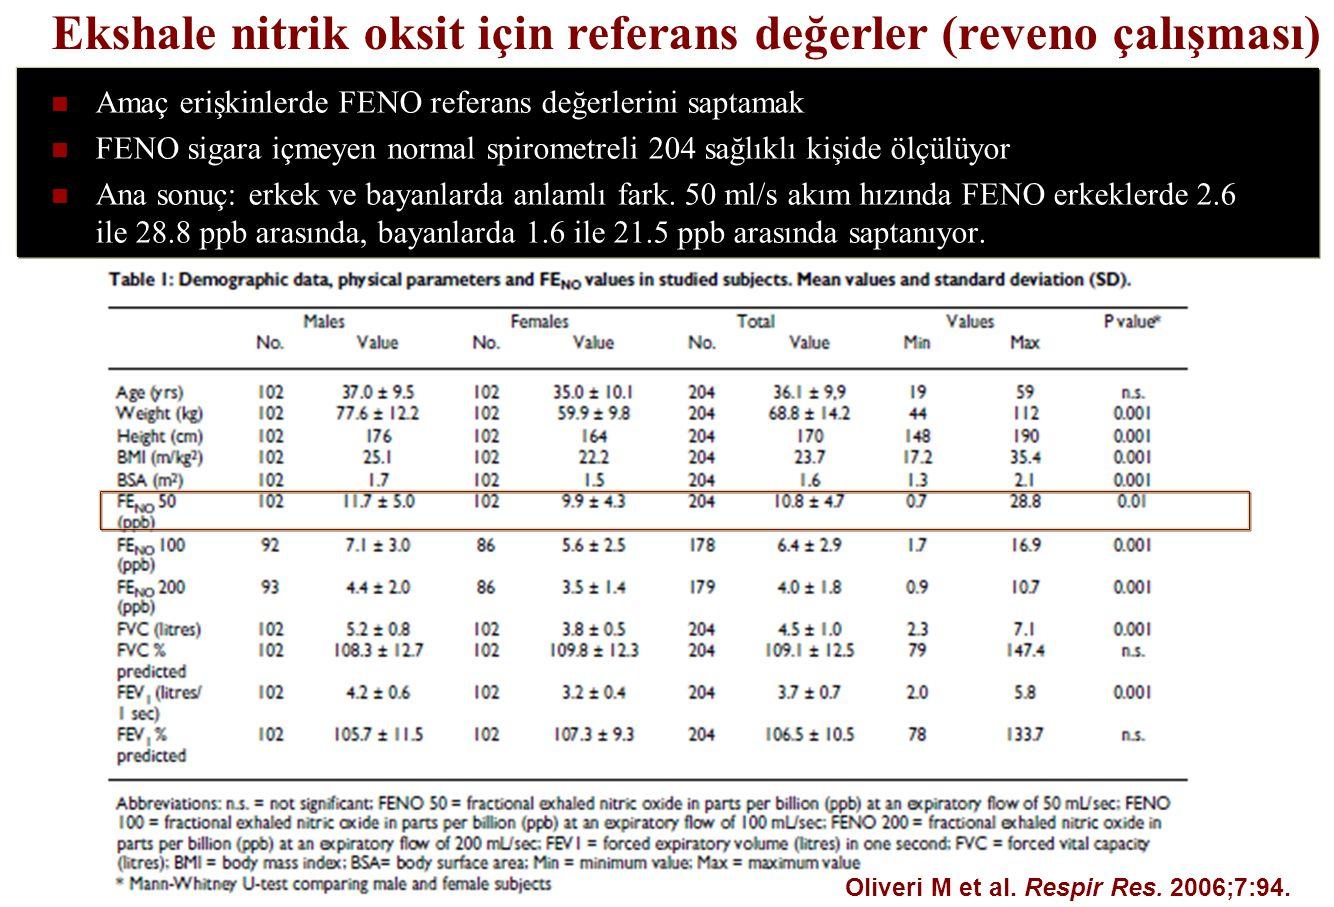 Ekshale nitrik oksit için referans değerler (reveno çalışması)